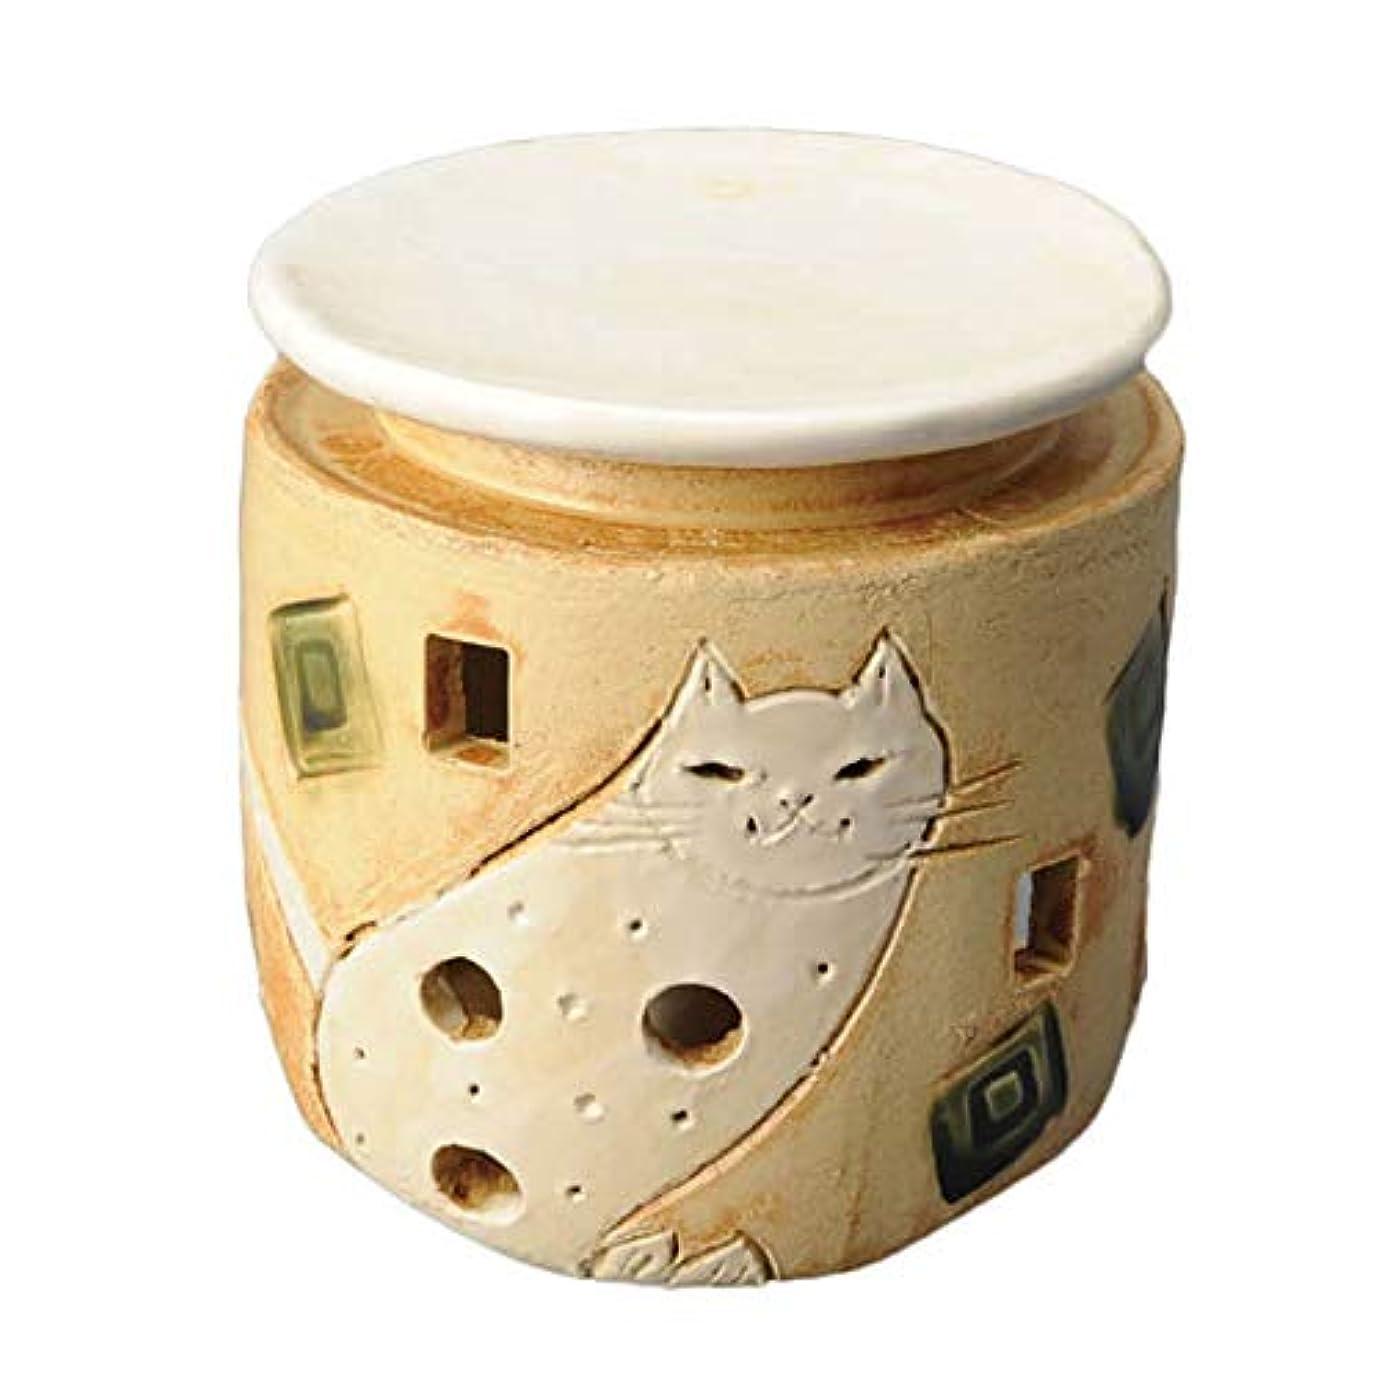 接地ベール酔って手造り 茶香炉/白猫 茶香炉/アロマ 癒やし リラックス インテリア 間接照明